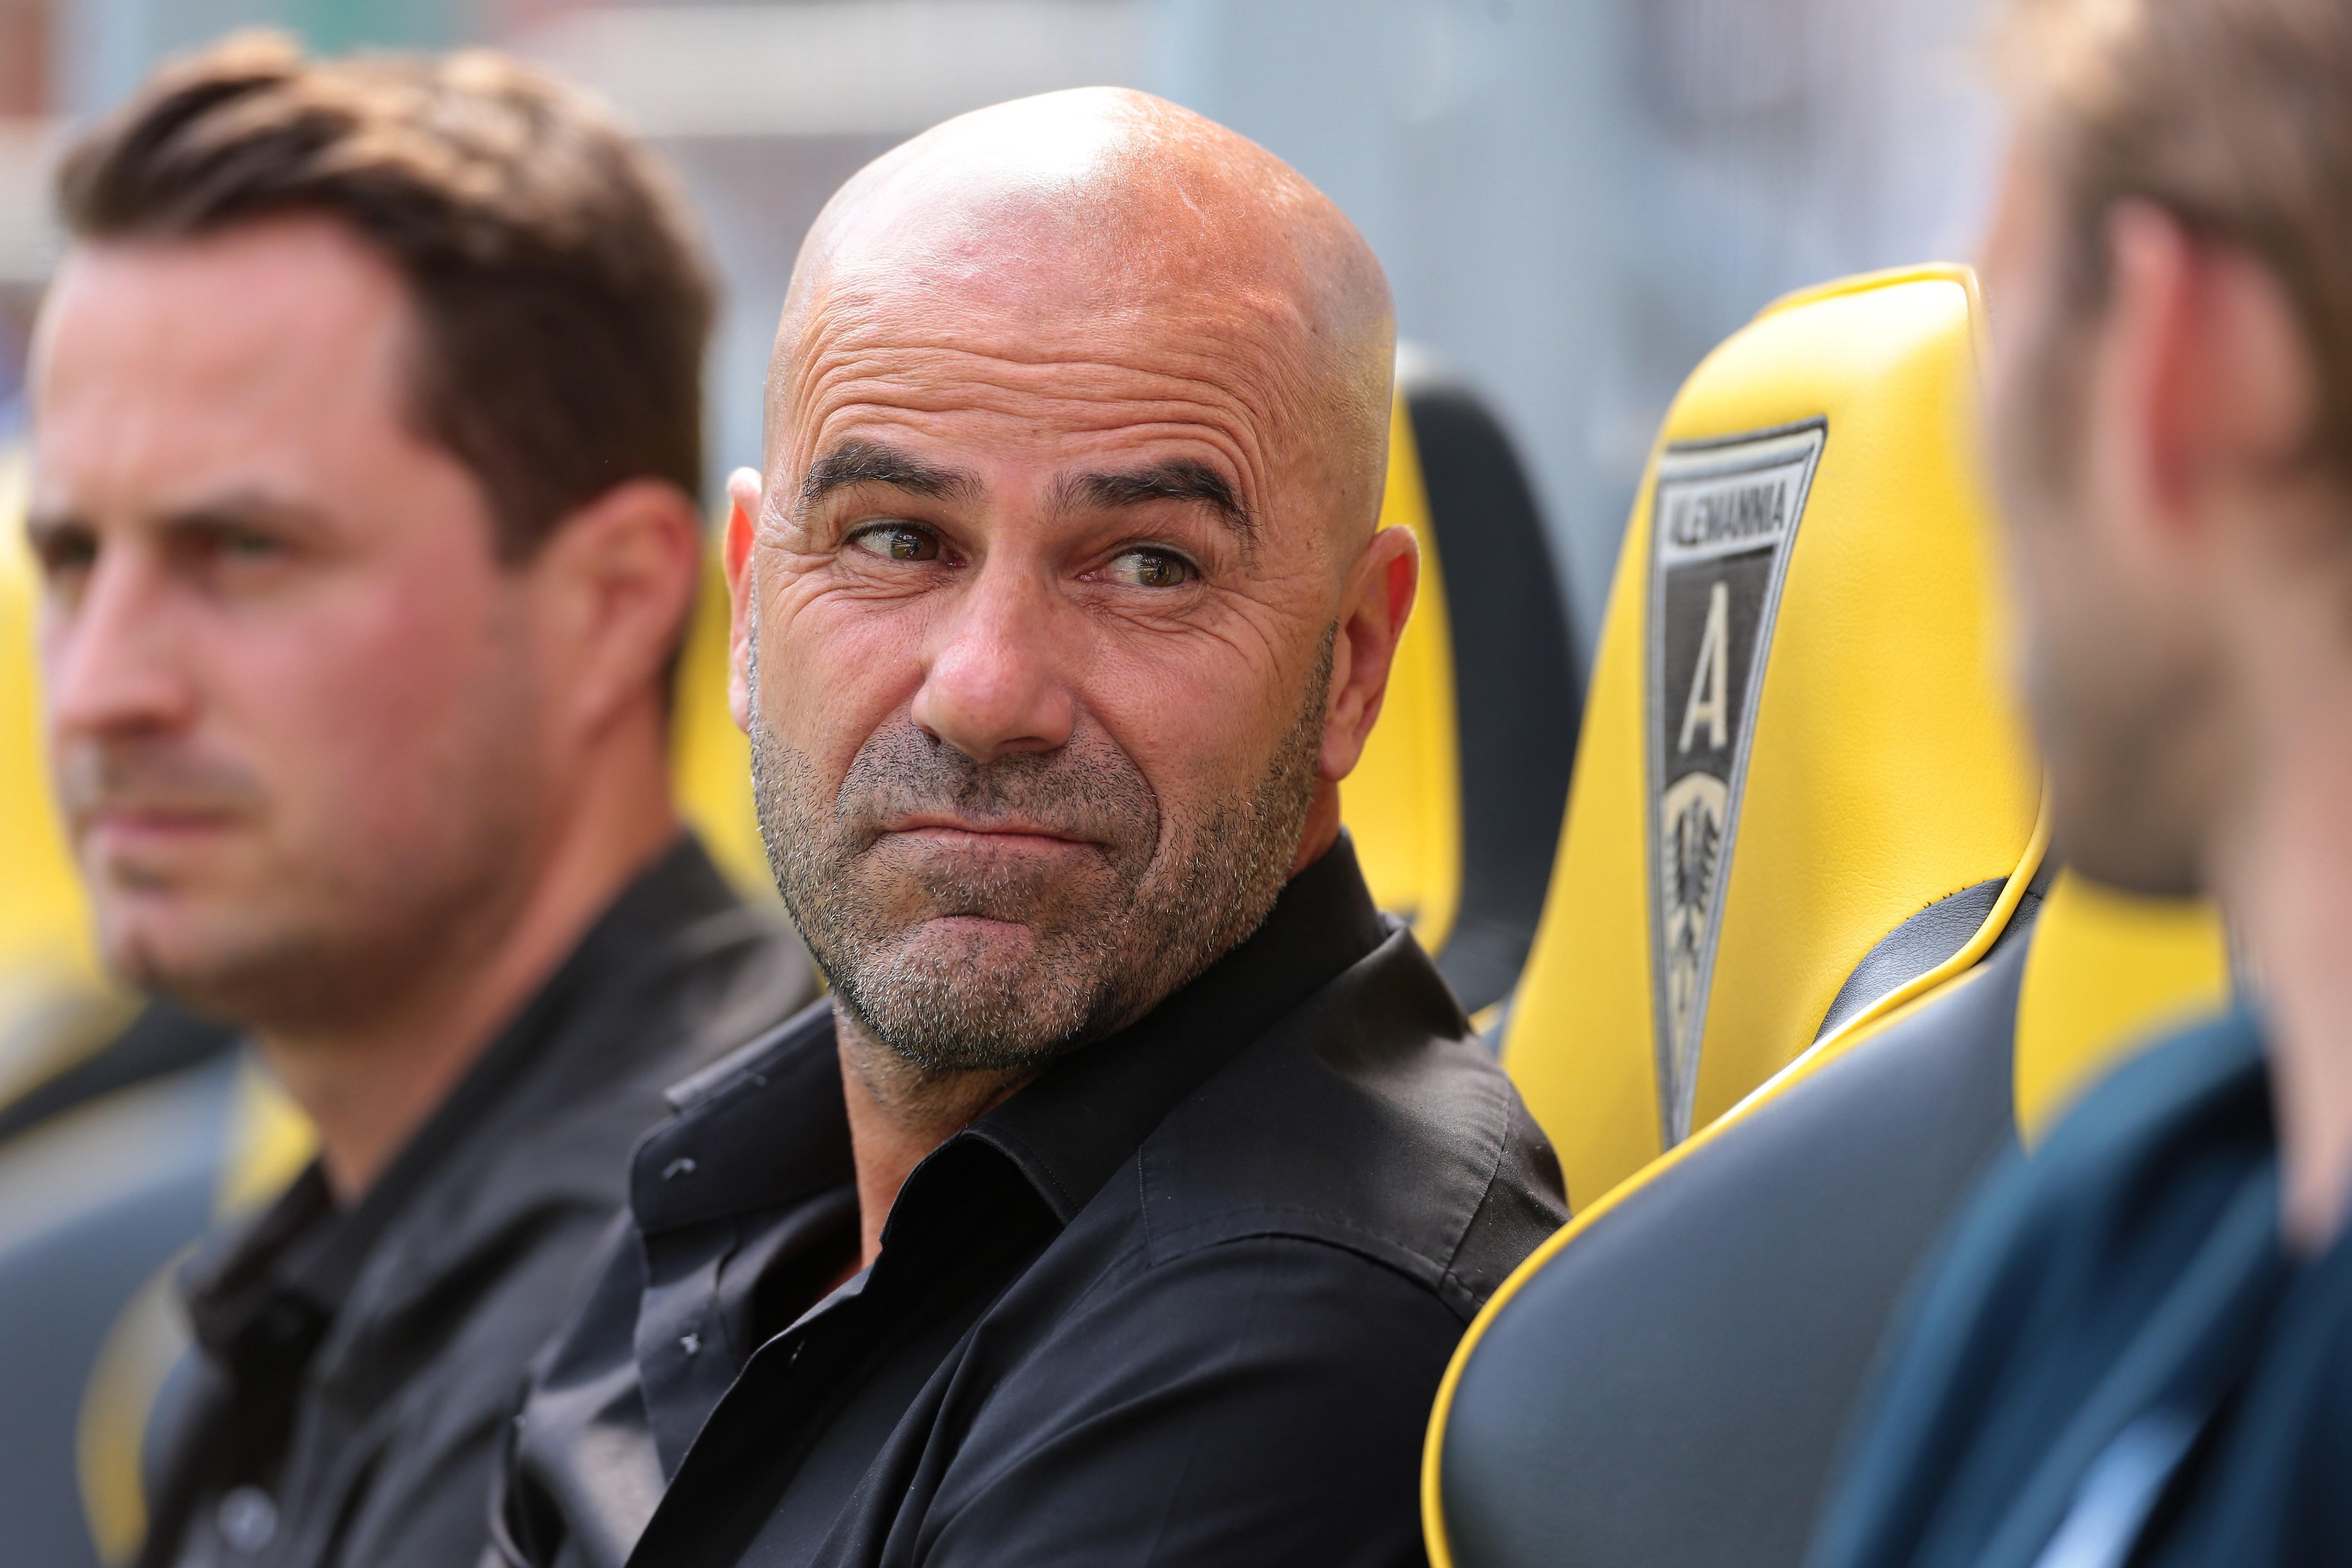 Alemannia Aachen v Bayern 04 Leverkusen - DFB Cup